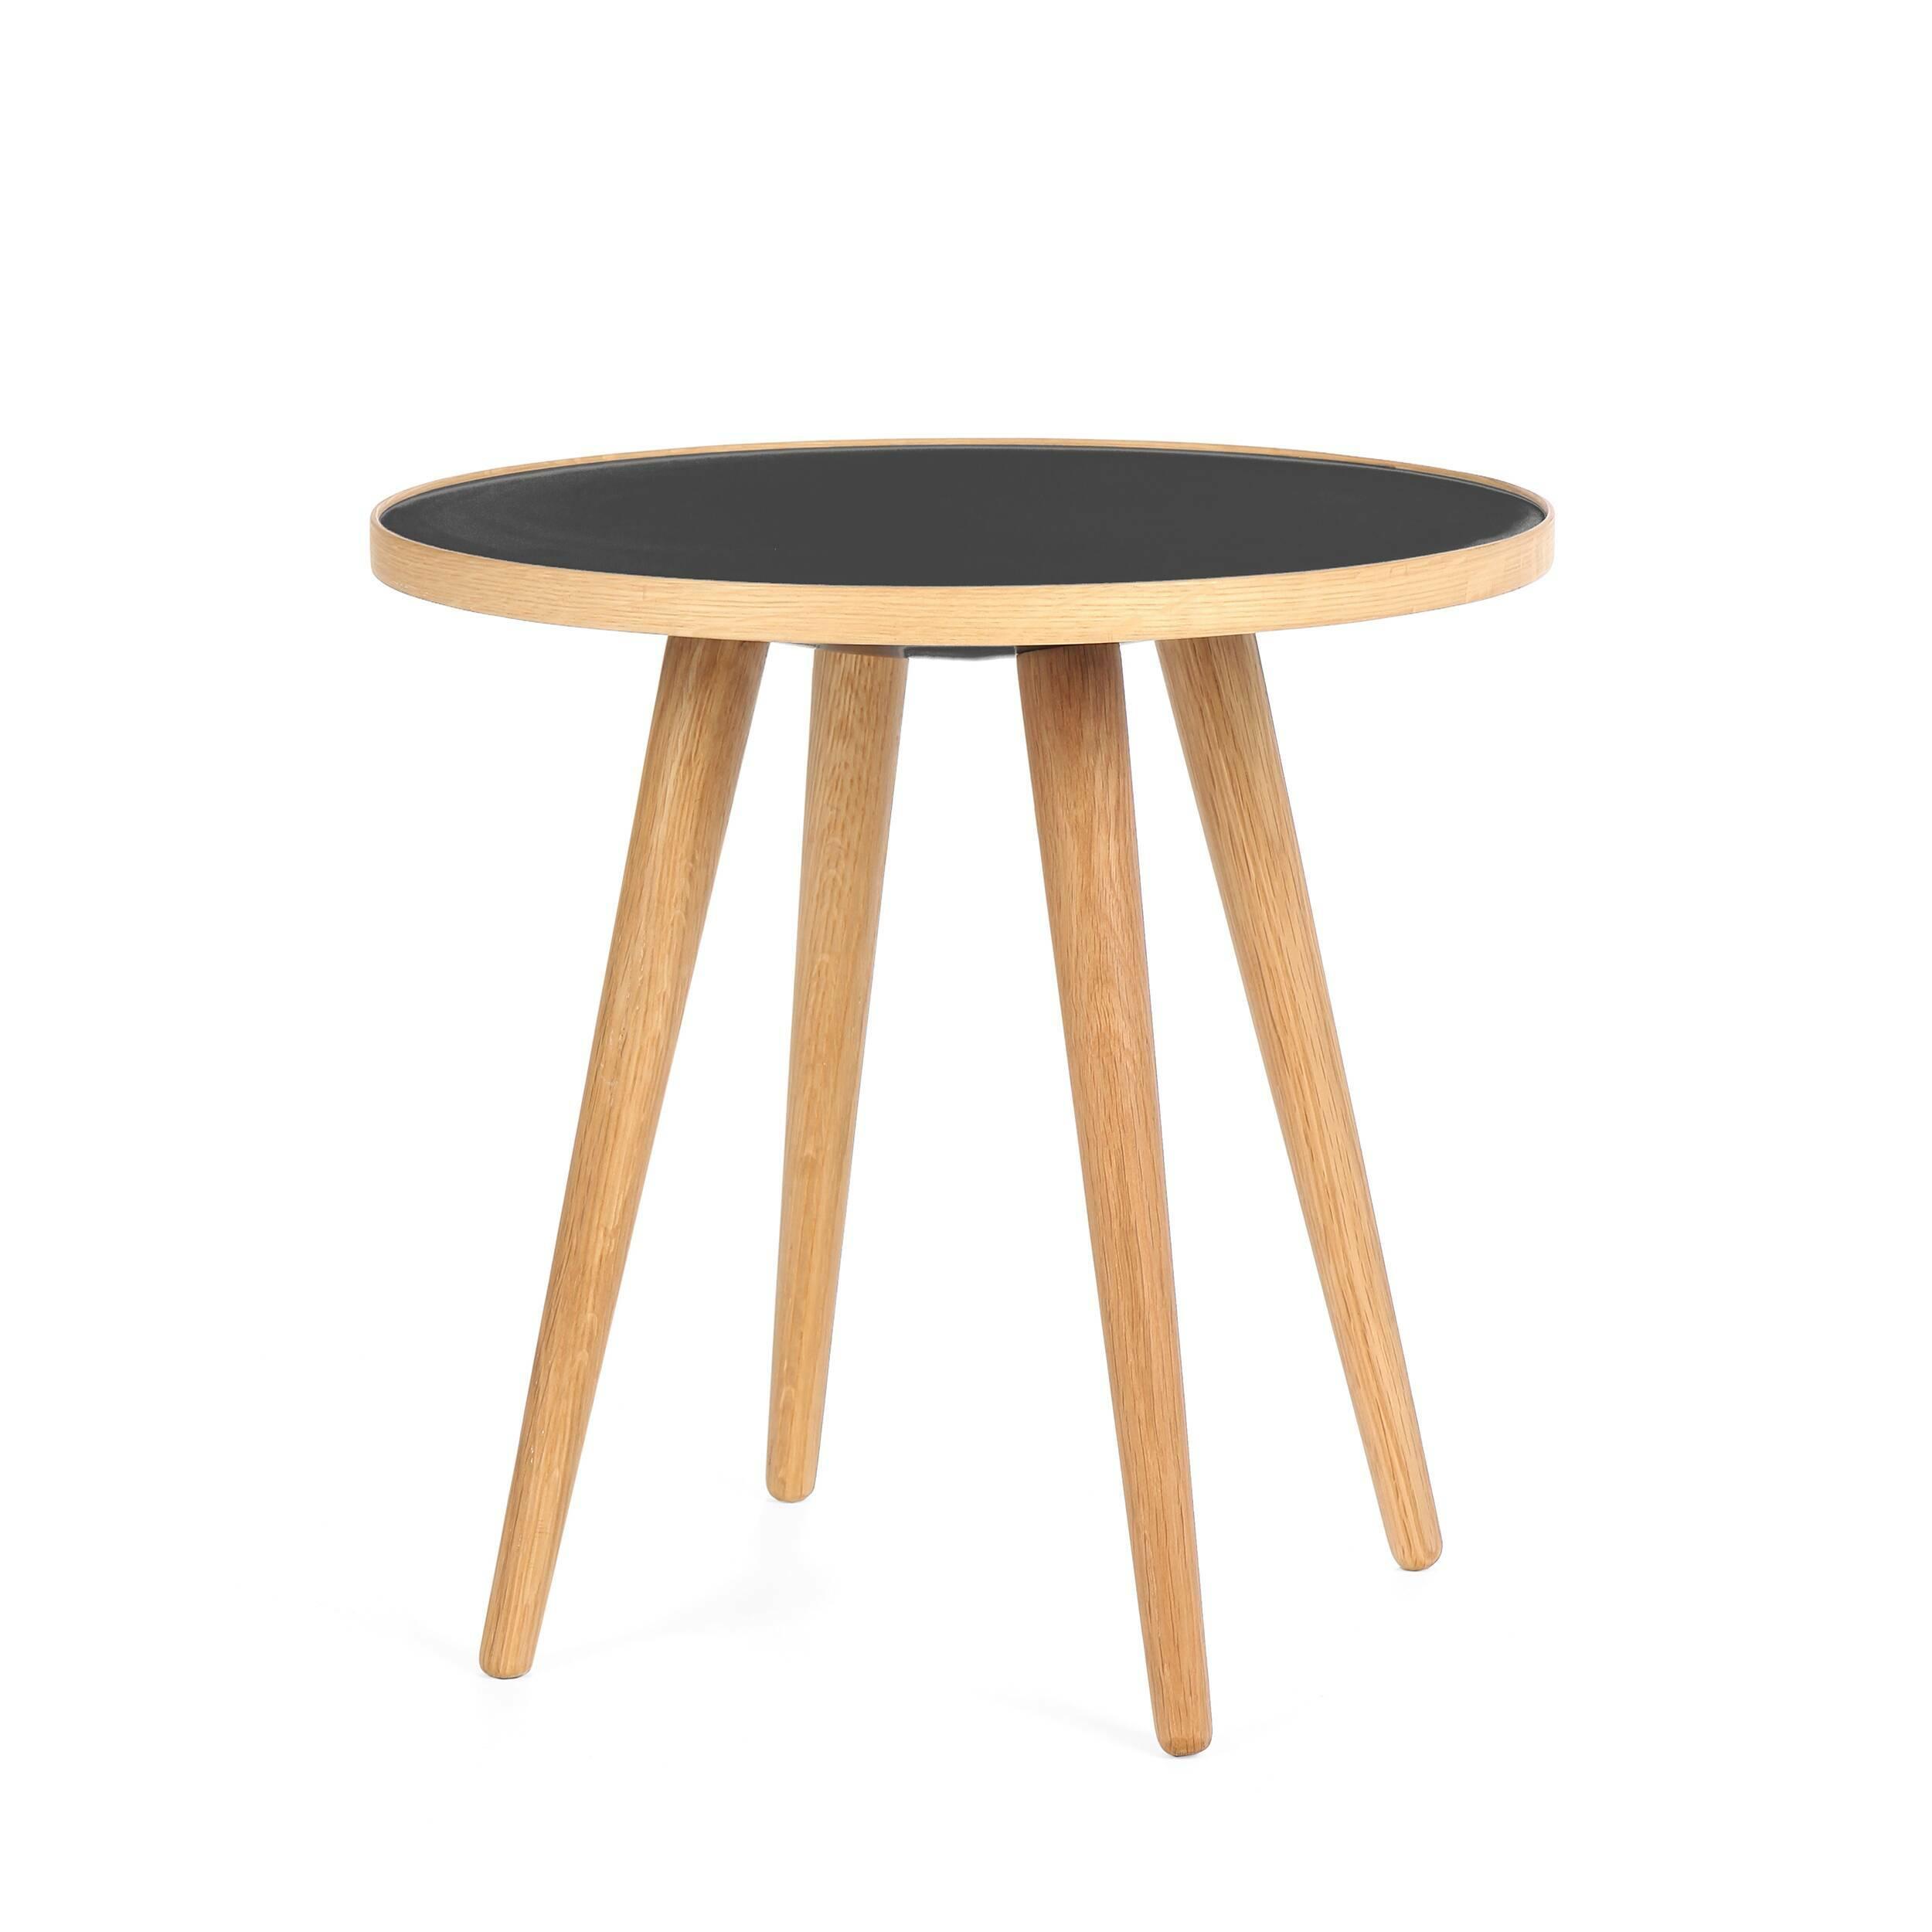 Кофейный стол Sputnik высота 40 диаметр 41 кофейный стол machine высота 40